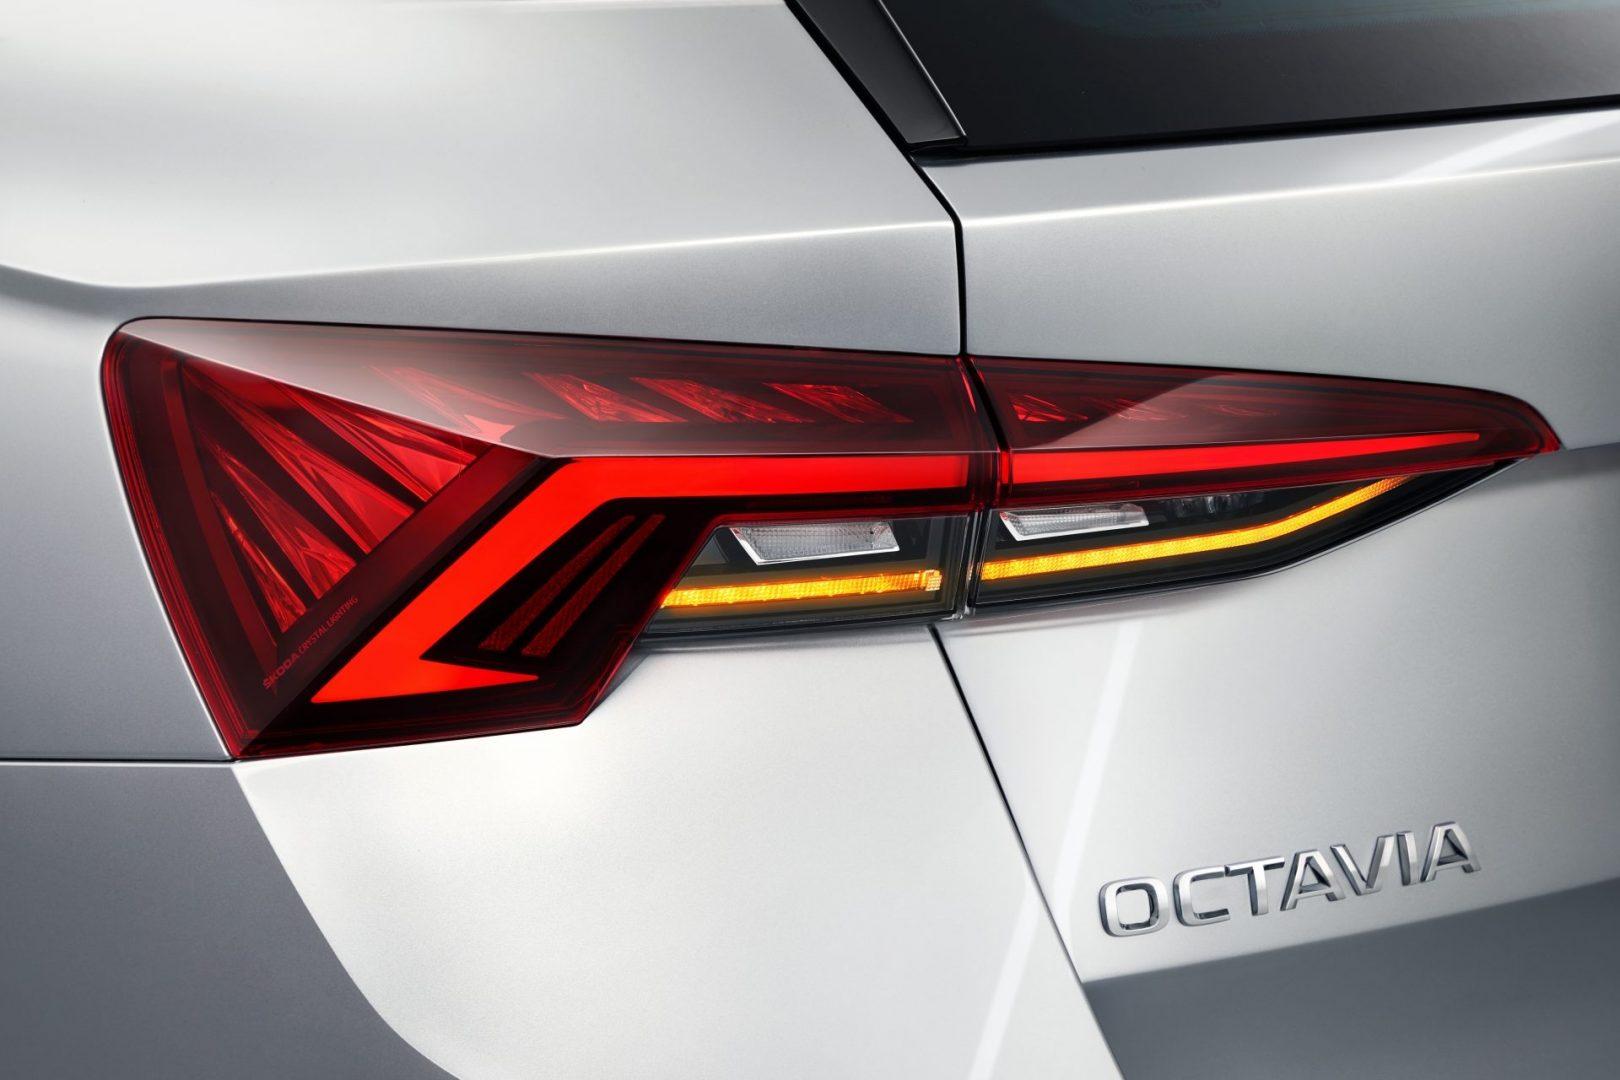 Nova Škoda Octavia: 5 glavnih novosti